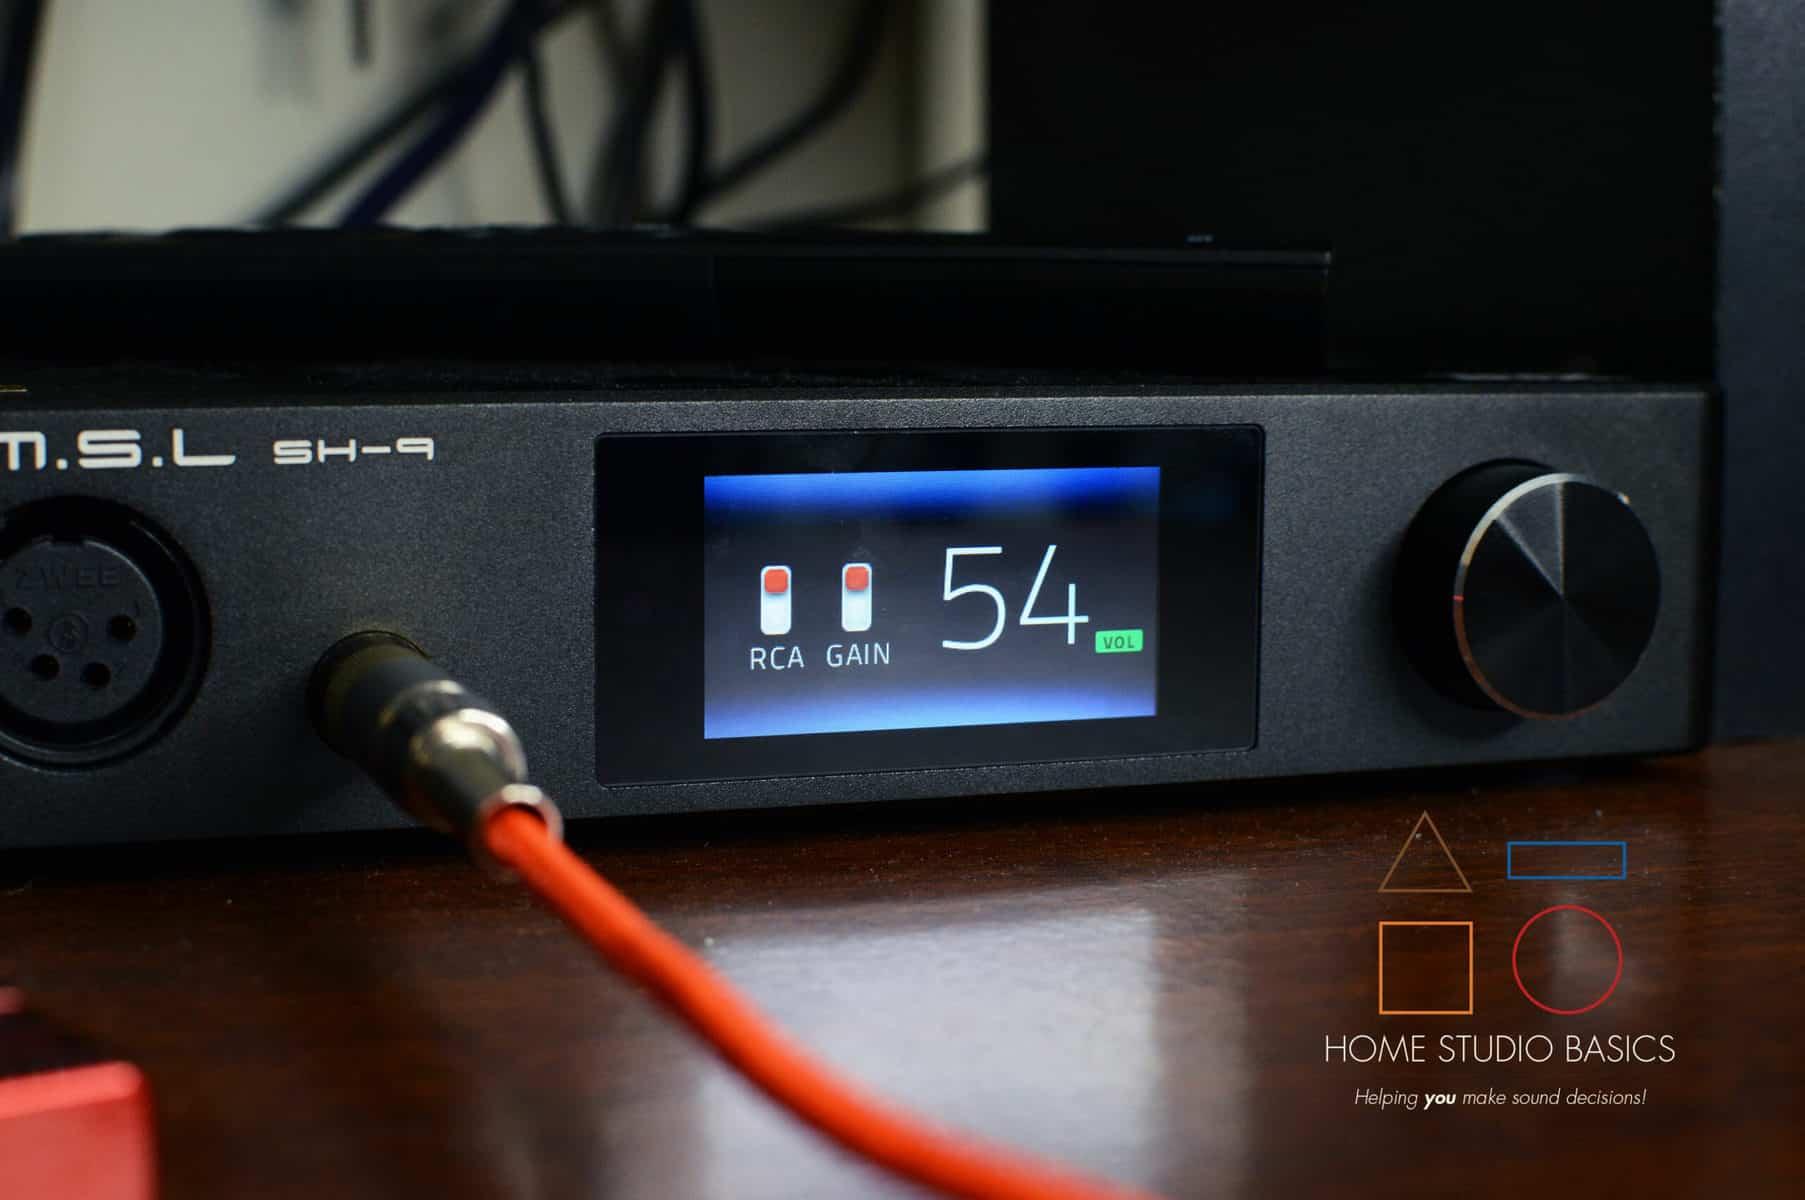 S.M.S.L SH-9 Headphone Amplifier Review